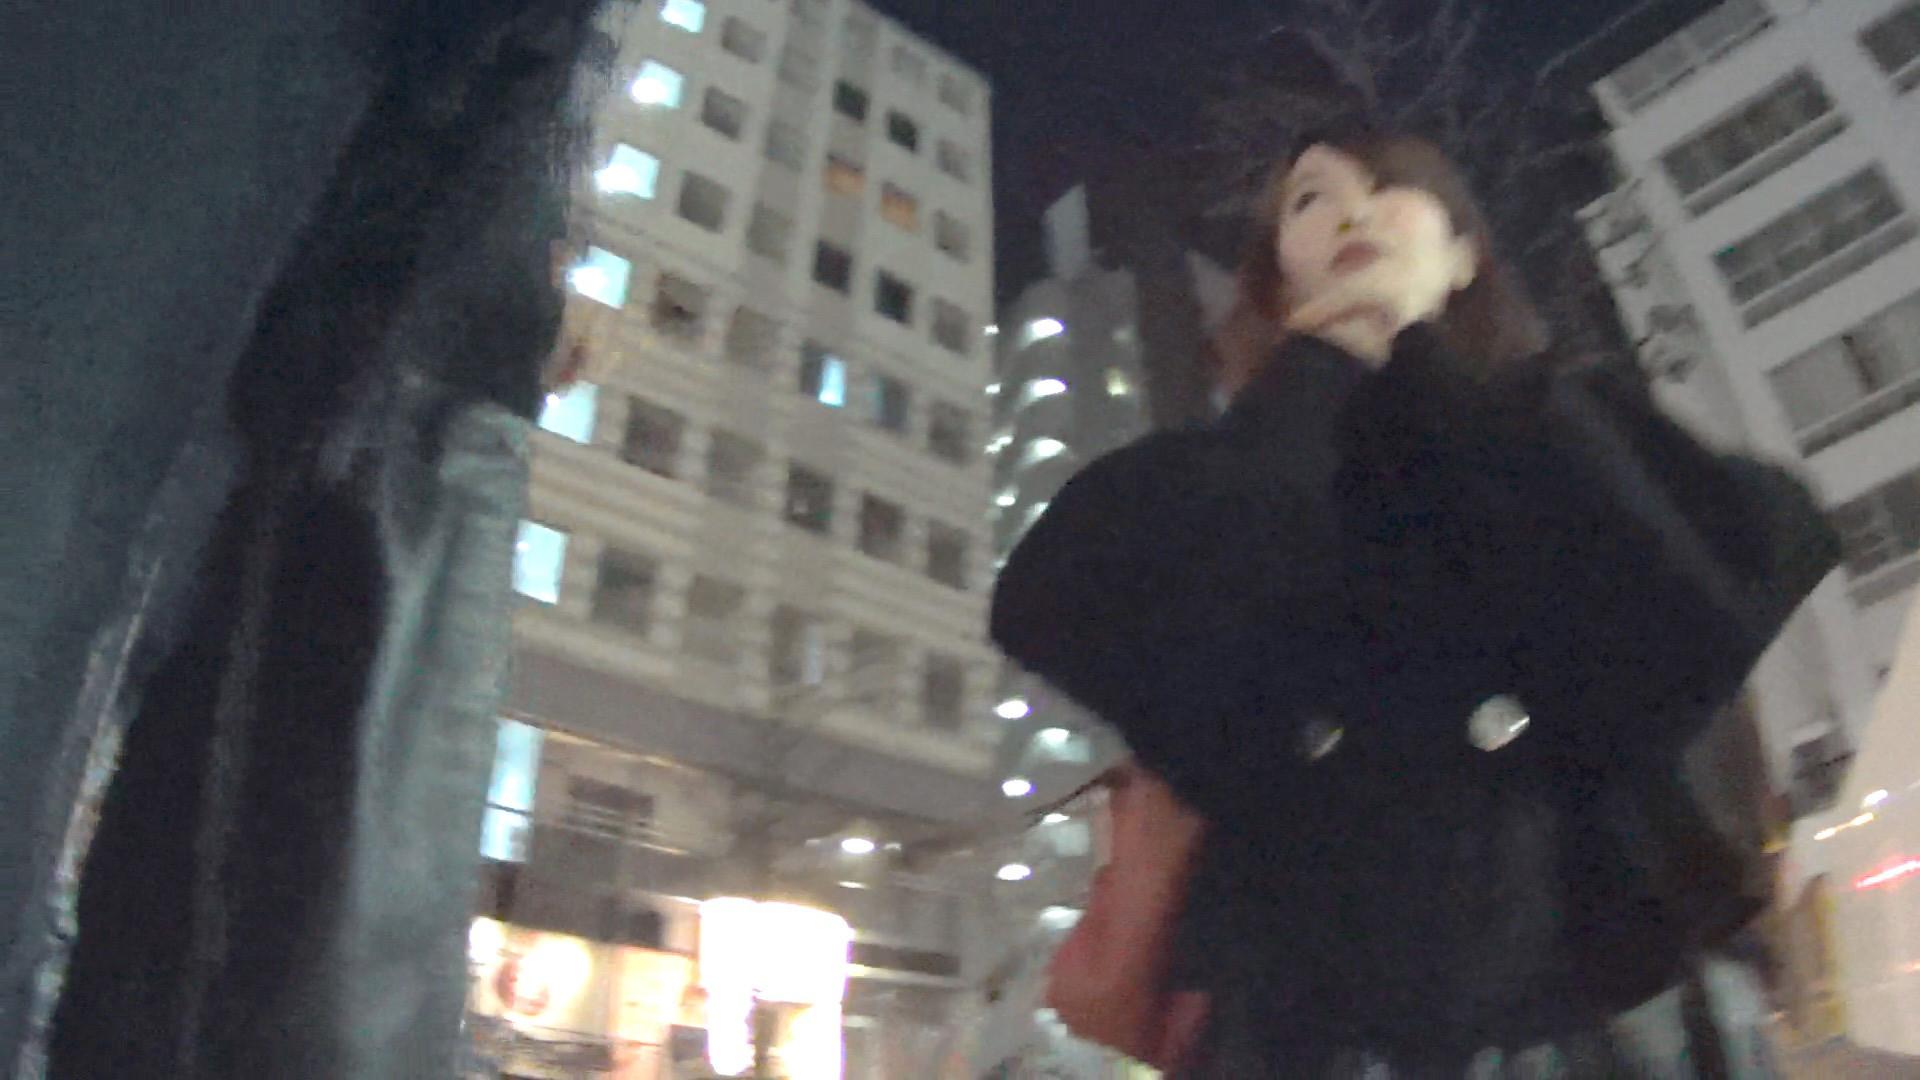 【Newチャレンジ企画第4弾!!】素人奥さんナンパ~難関人妻ナンパで何人ゲット出来るのか?!~